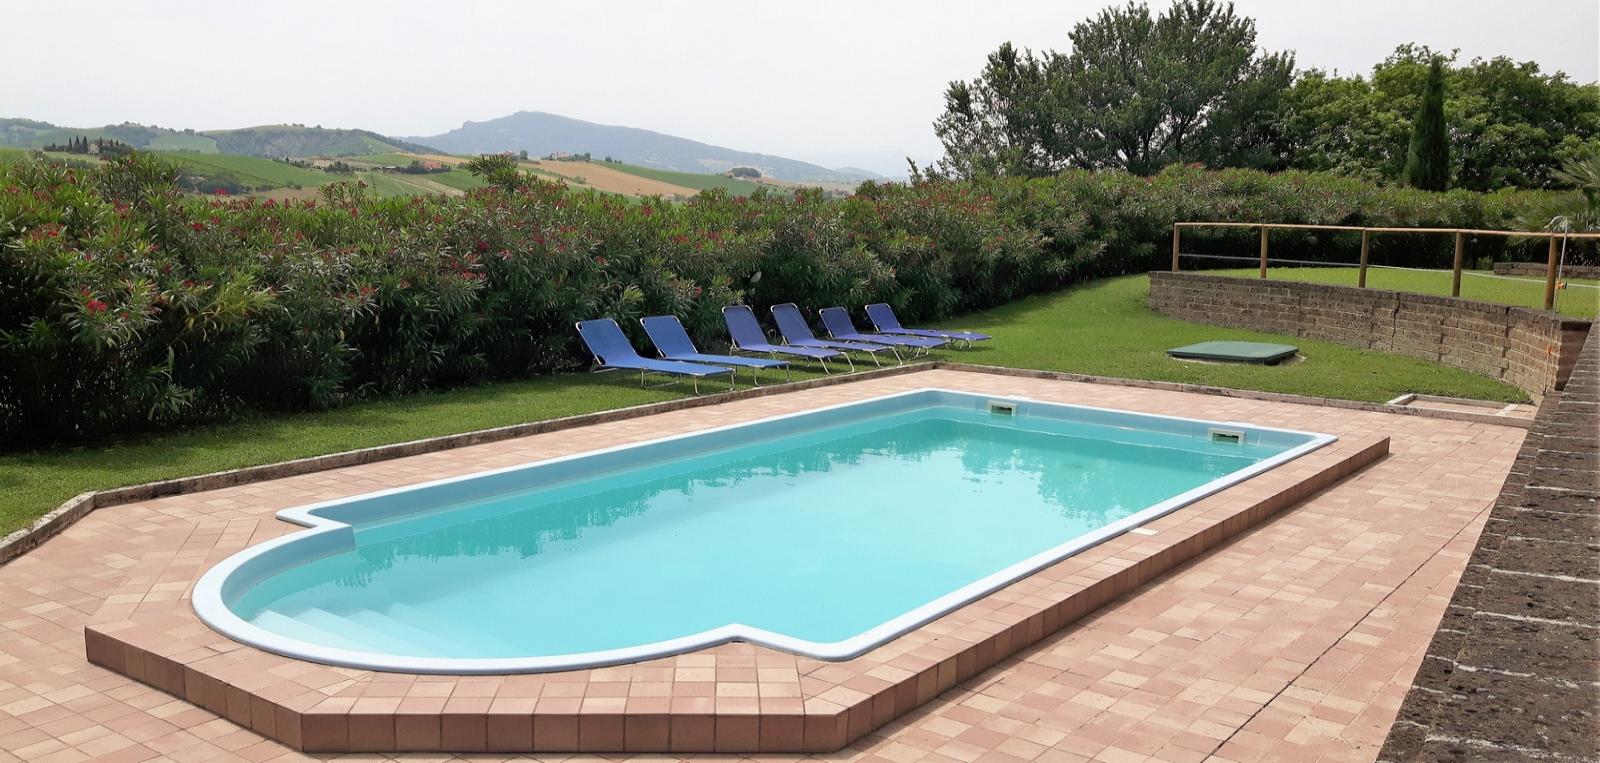 Area-Piscina-piscina-e-colline-1600x763